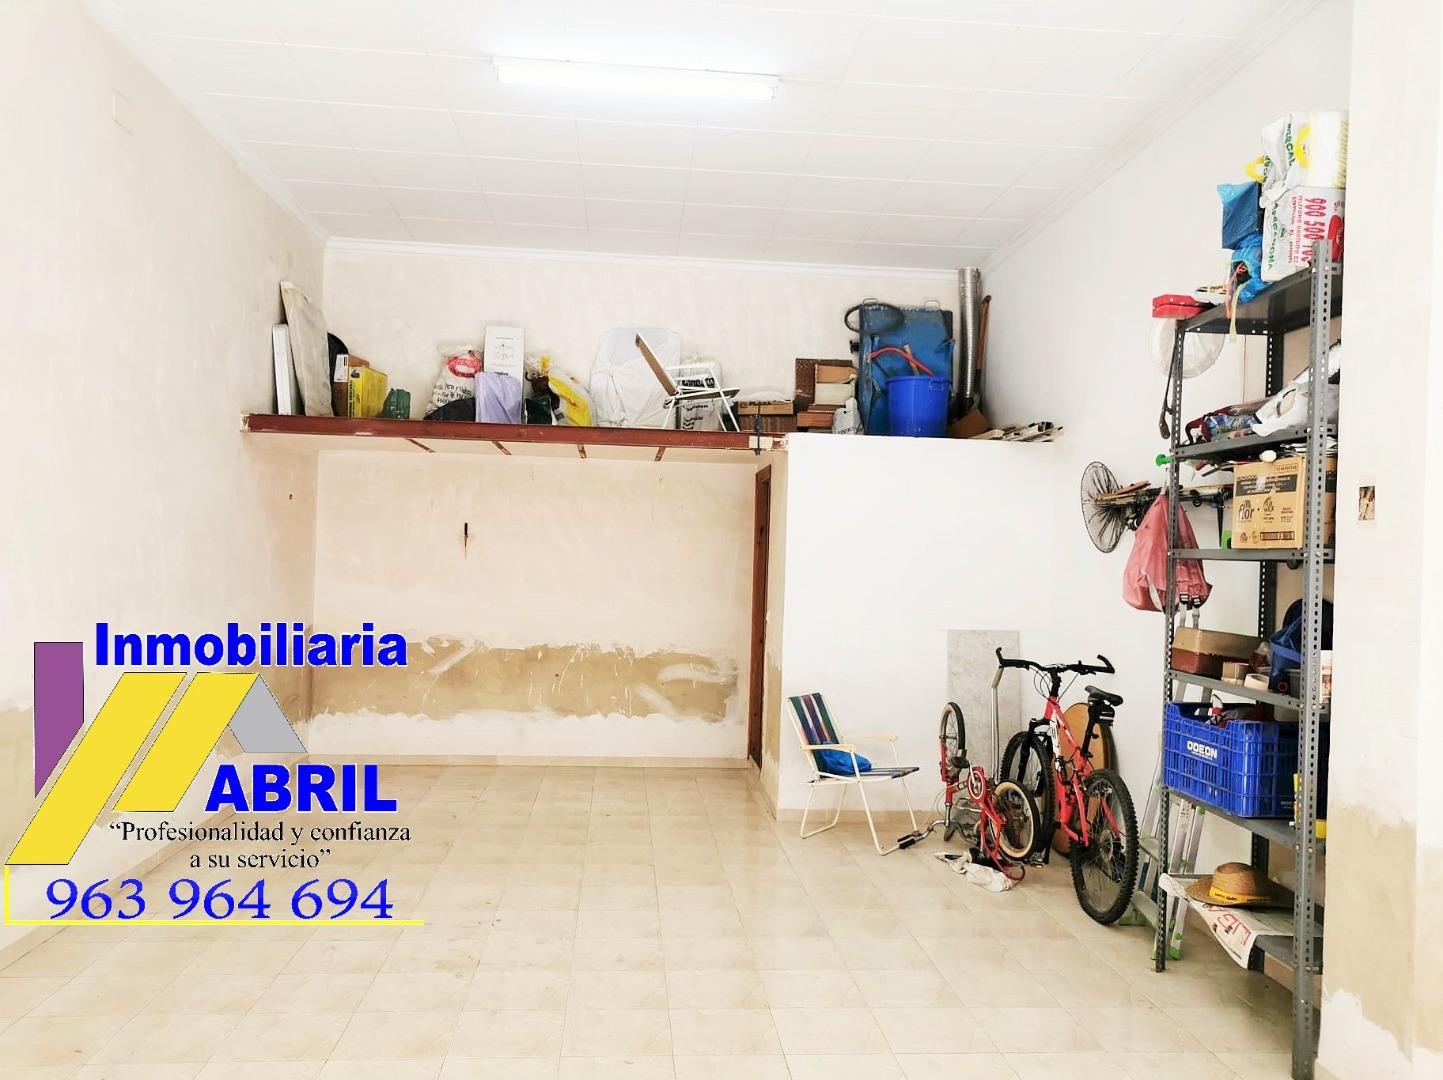 Affitto Locale commerciale  Alfafar - paso nivel. Local diáfano de 48m². aseo y altillo. buena zona.